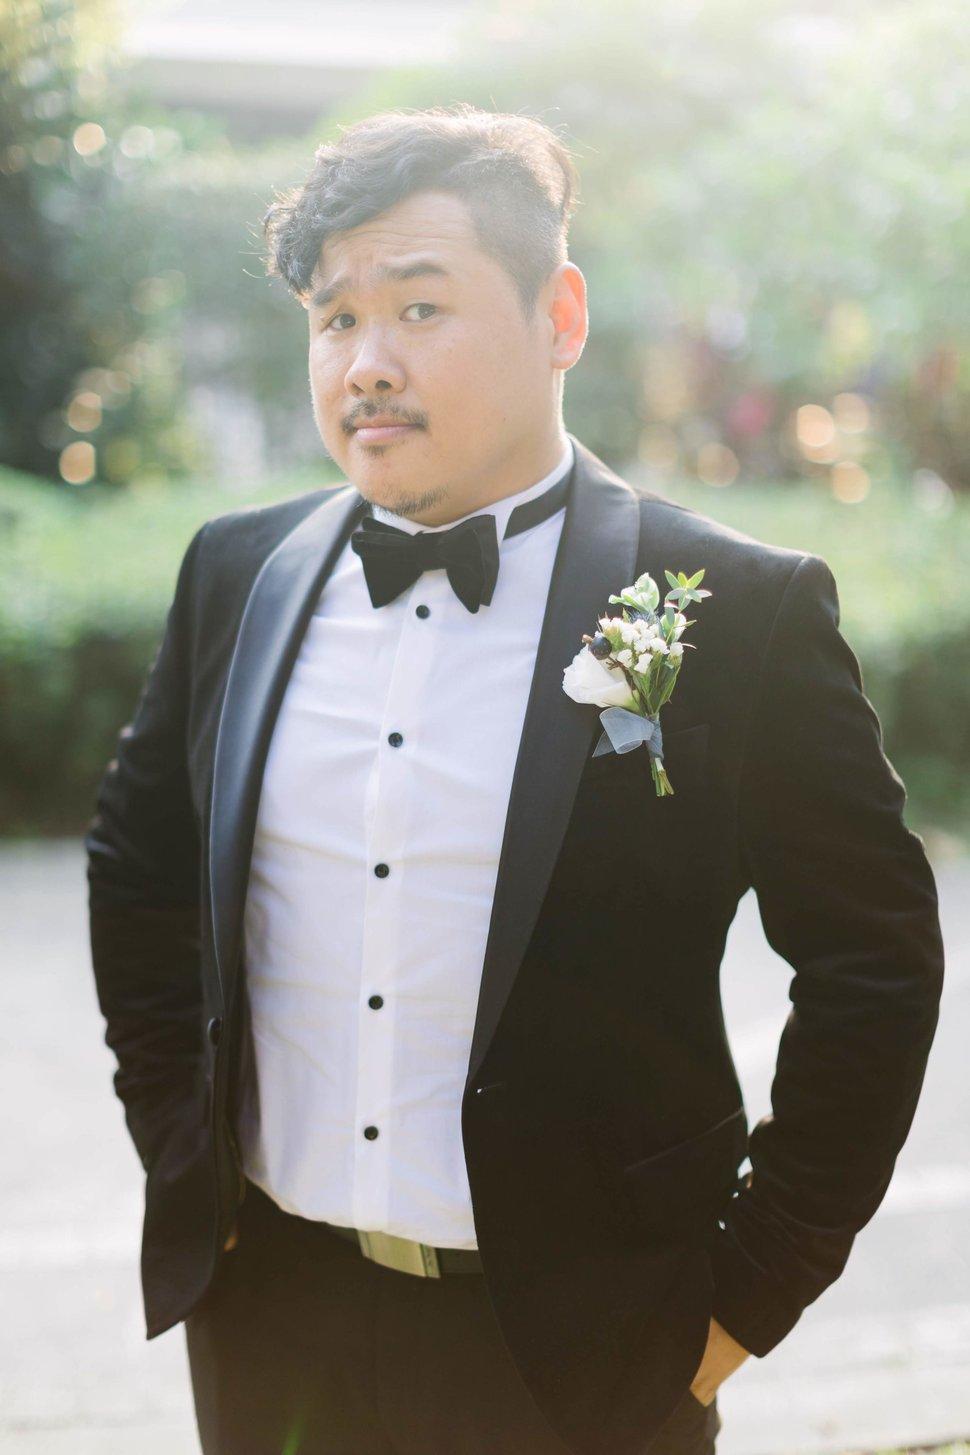 集食行樂婚禮-美式婚禮-美式婚禮紀錄-戶外證婚-美式婚紗-AG 婚攝Adam Chen- Amazing Grace 攝影美學 -台北婚禮紀錄 - Amazing Grace Studio48 - Amazing Grace Studio《結婚吧》